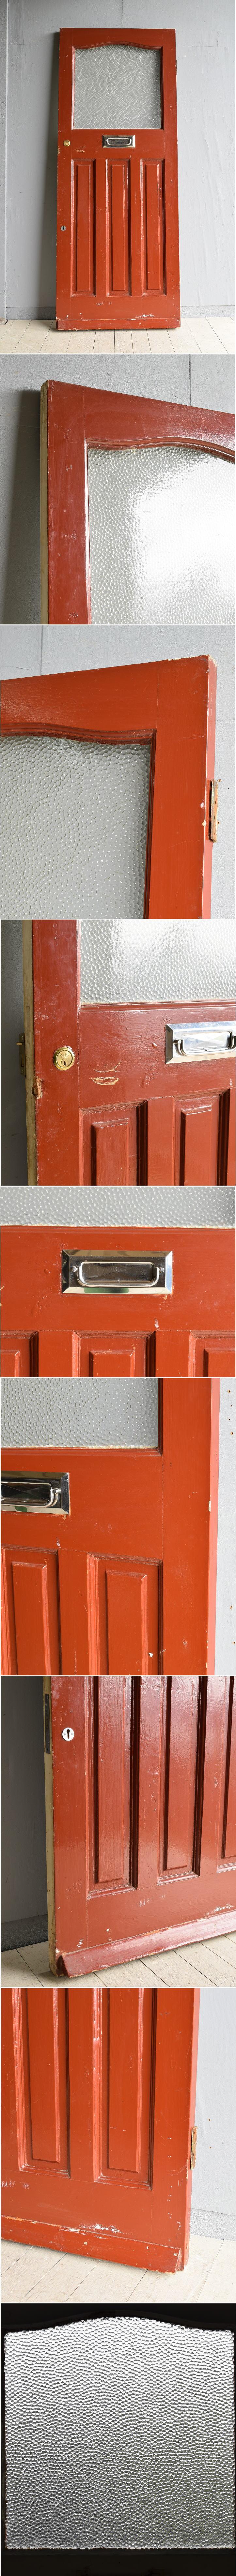 イギリス アンティーク ドア 扉 建具 9587